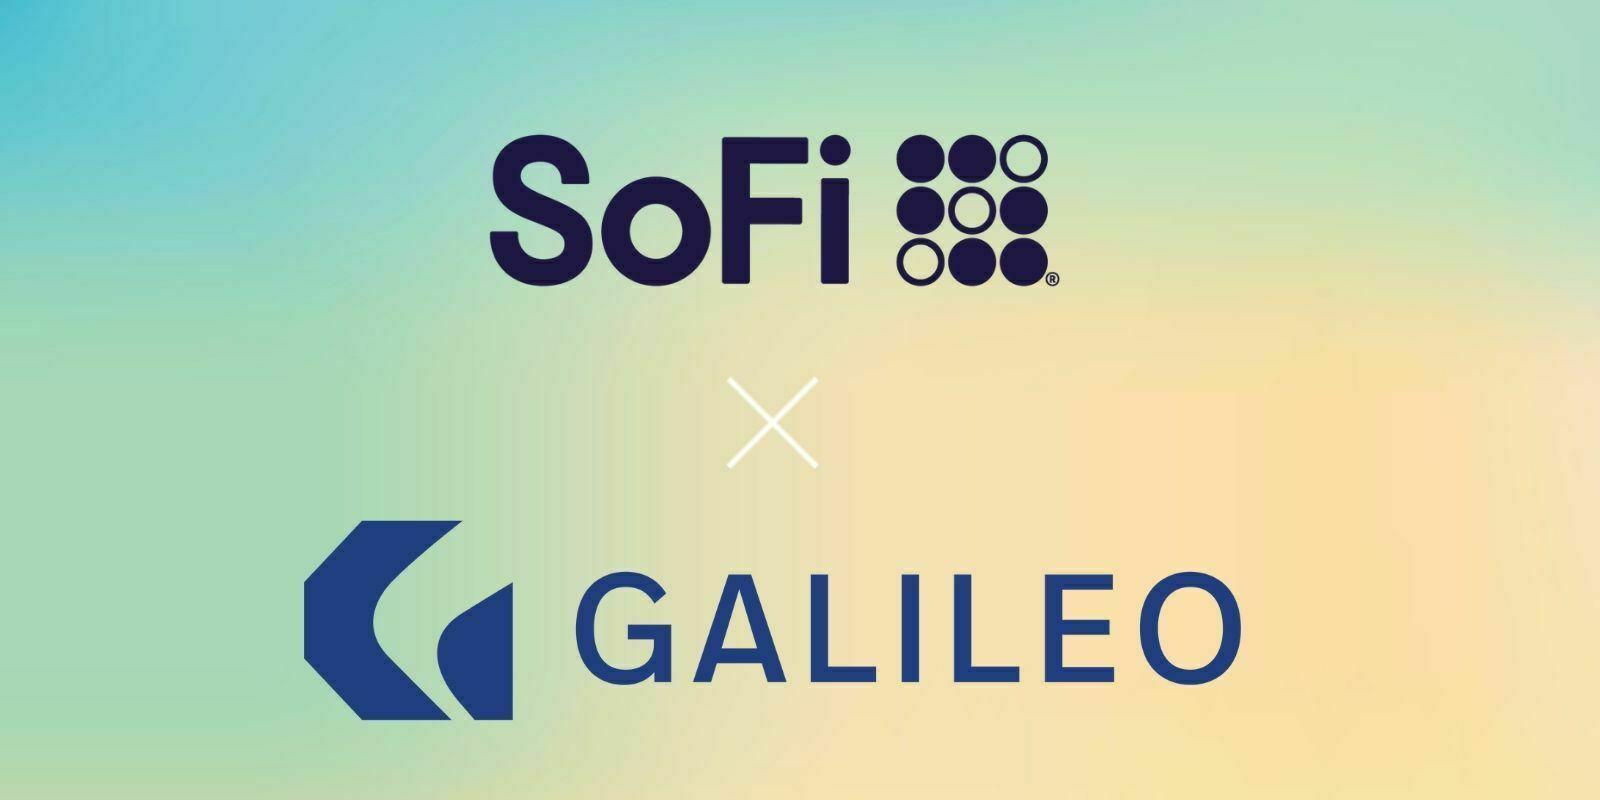 La société crypto-friendly SoFi acquiert le processeur de paiement Galileo